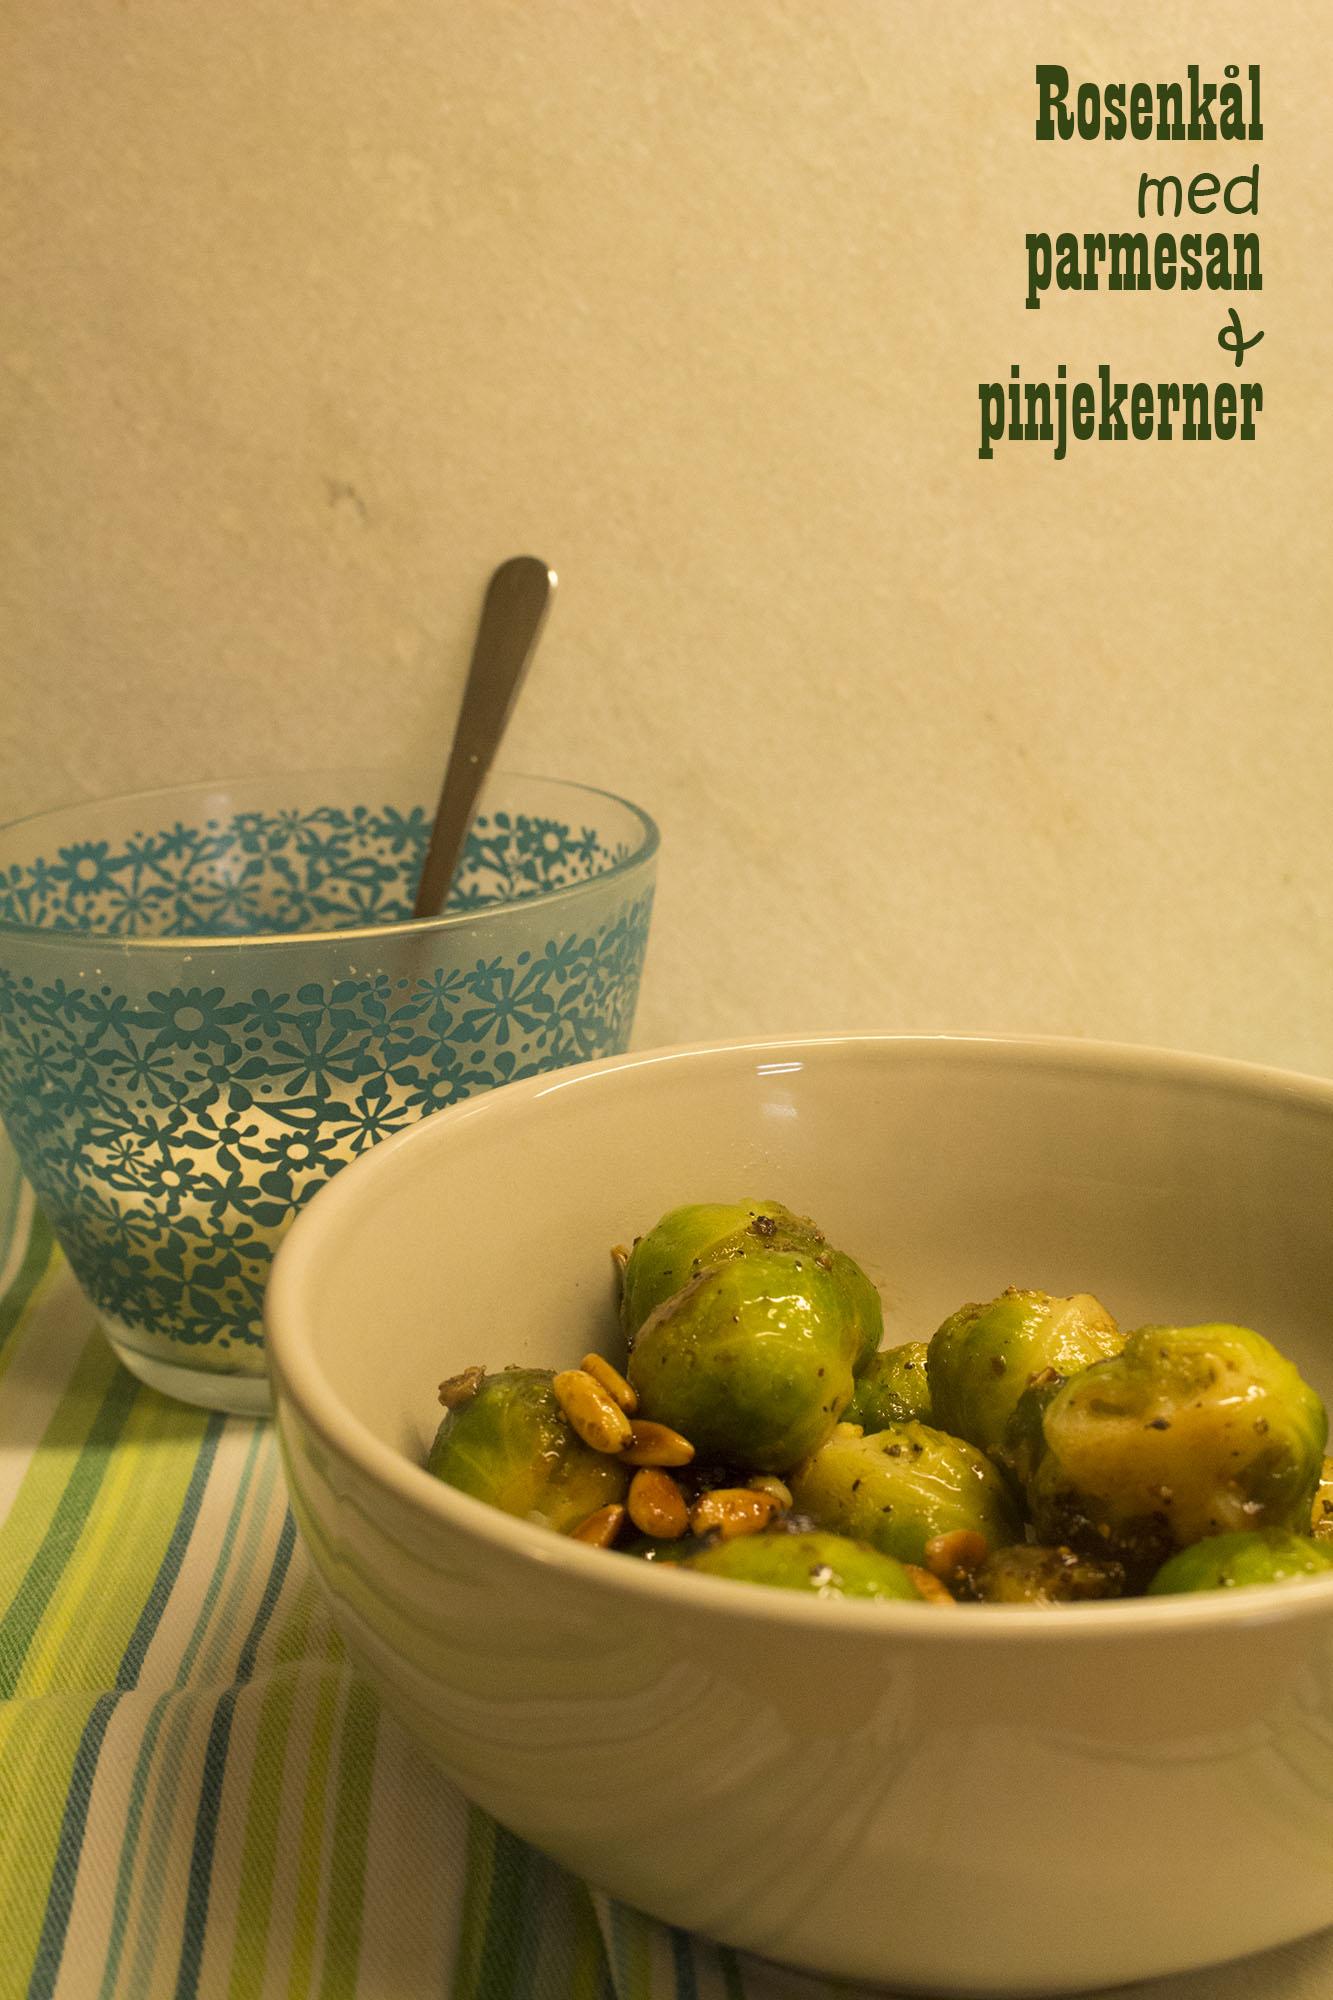 Rosenkål med parmesan og pinjekerner